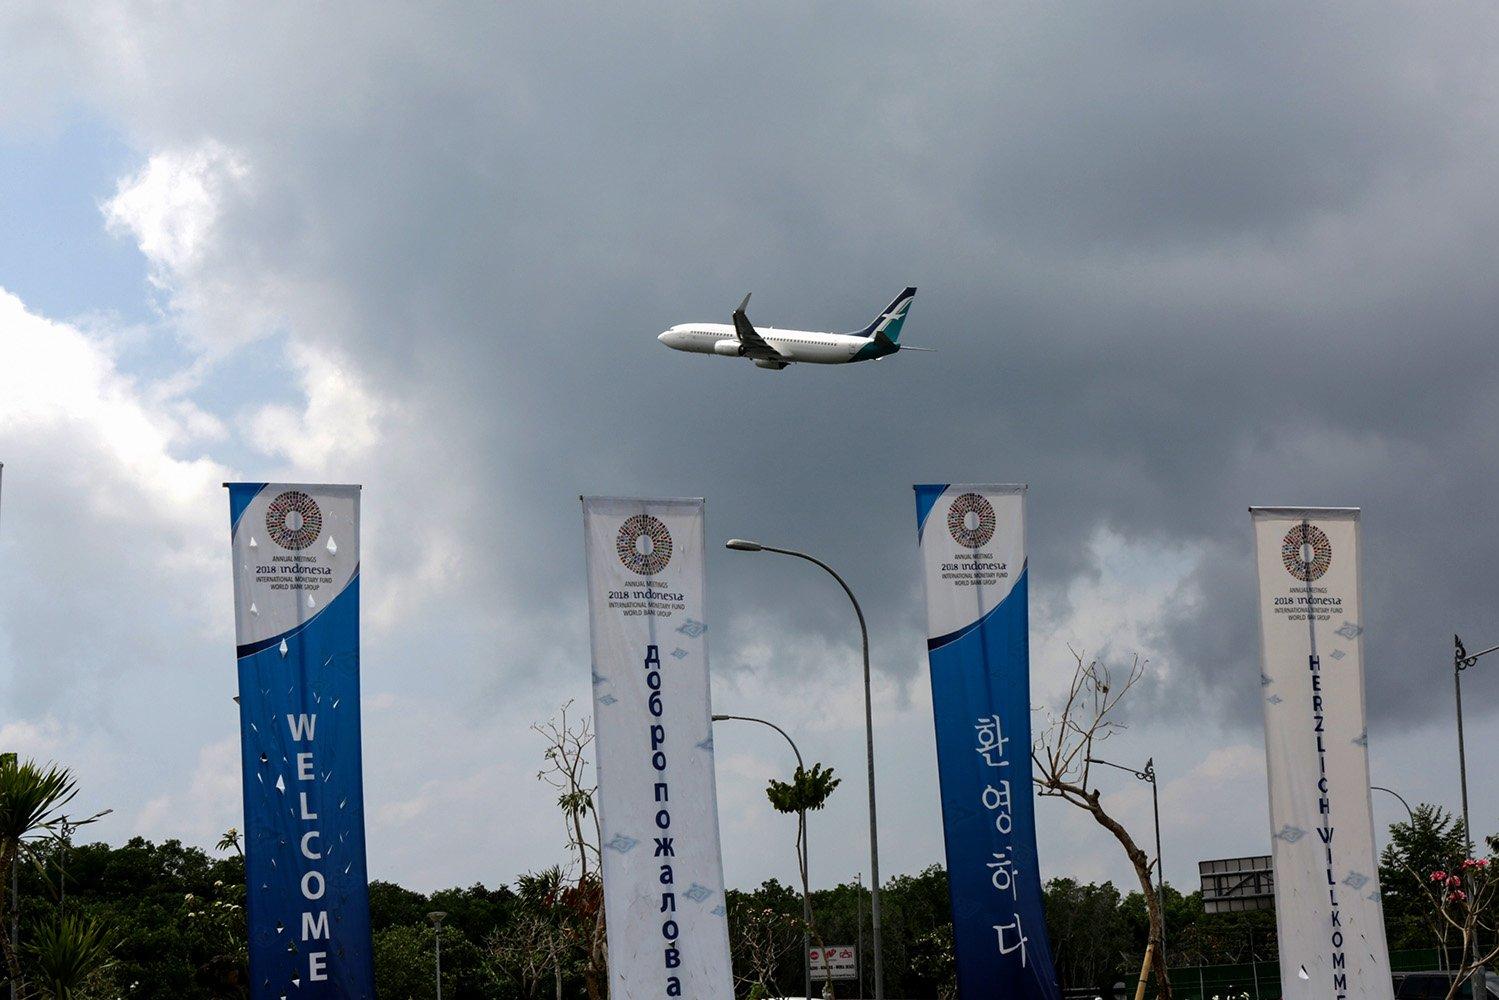 Sebuah pesawat melintas dari Bandara Ngurah Rai, Bali (14/10). Salah satu operator penerbangan PT Garuda Indonesia Tbk menambah kapasitas kursi dari dan ke Bali. Hal itu untuk mendukung pelaksanaan acara forum perekonomian terbesar di dunia, International Monetary Fund (IMF) - World Bank Group Annual Meetings 2018 di Bali pada 12 – 14 Oktober 2018.